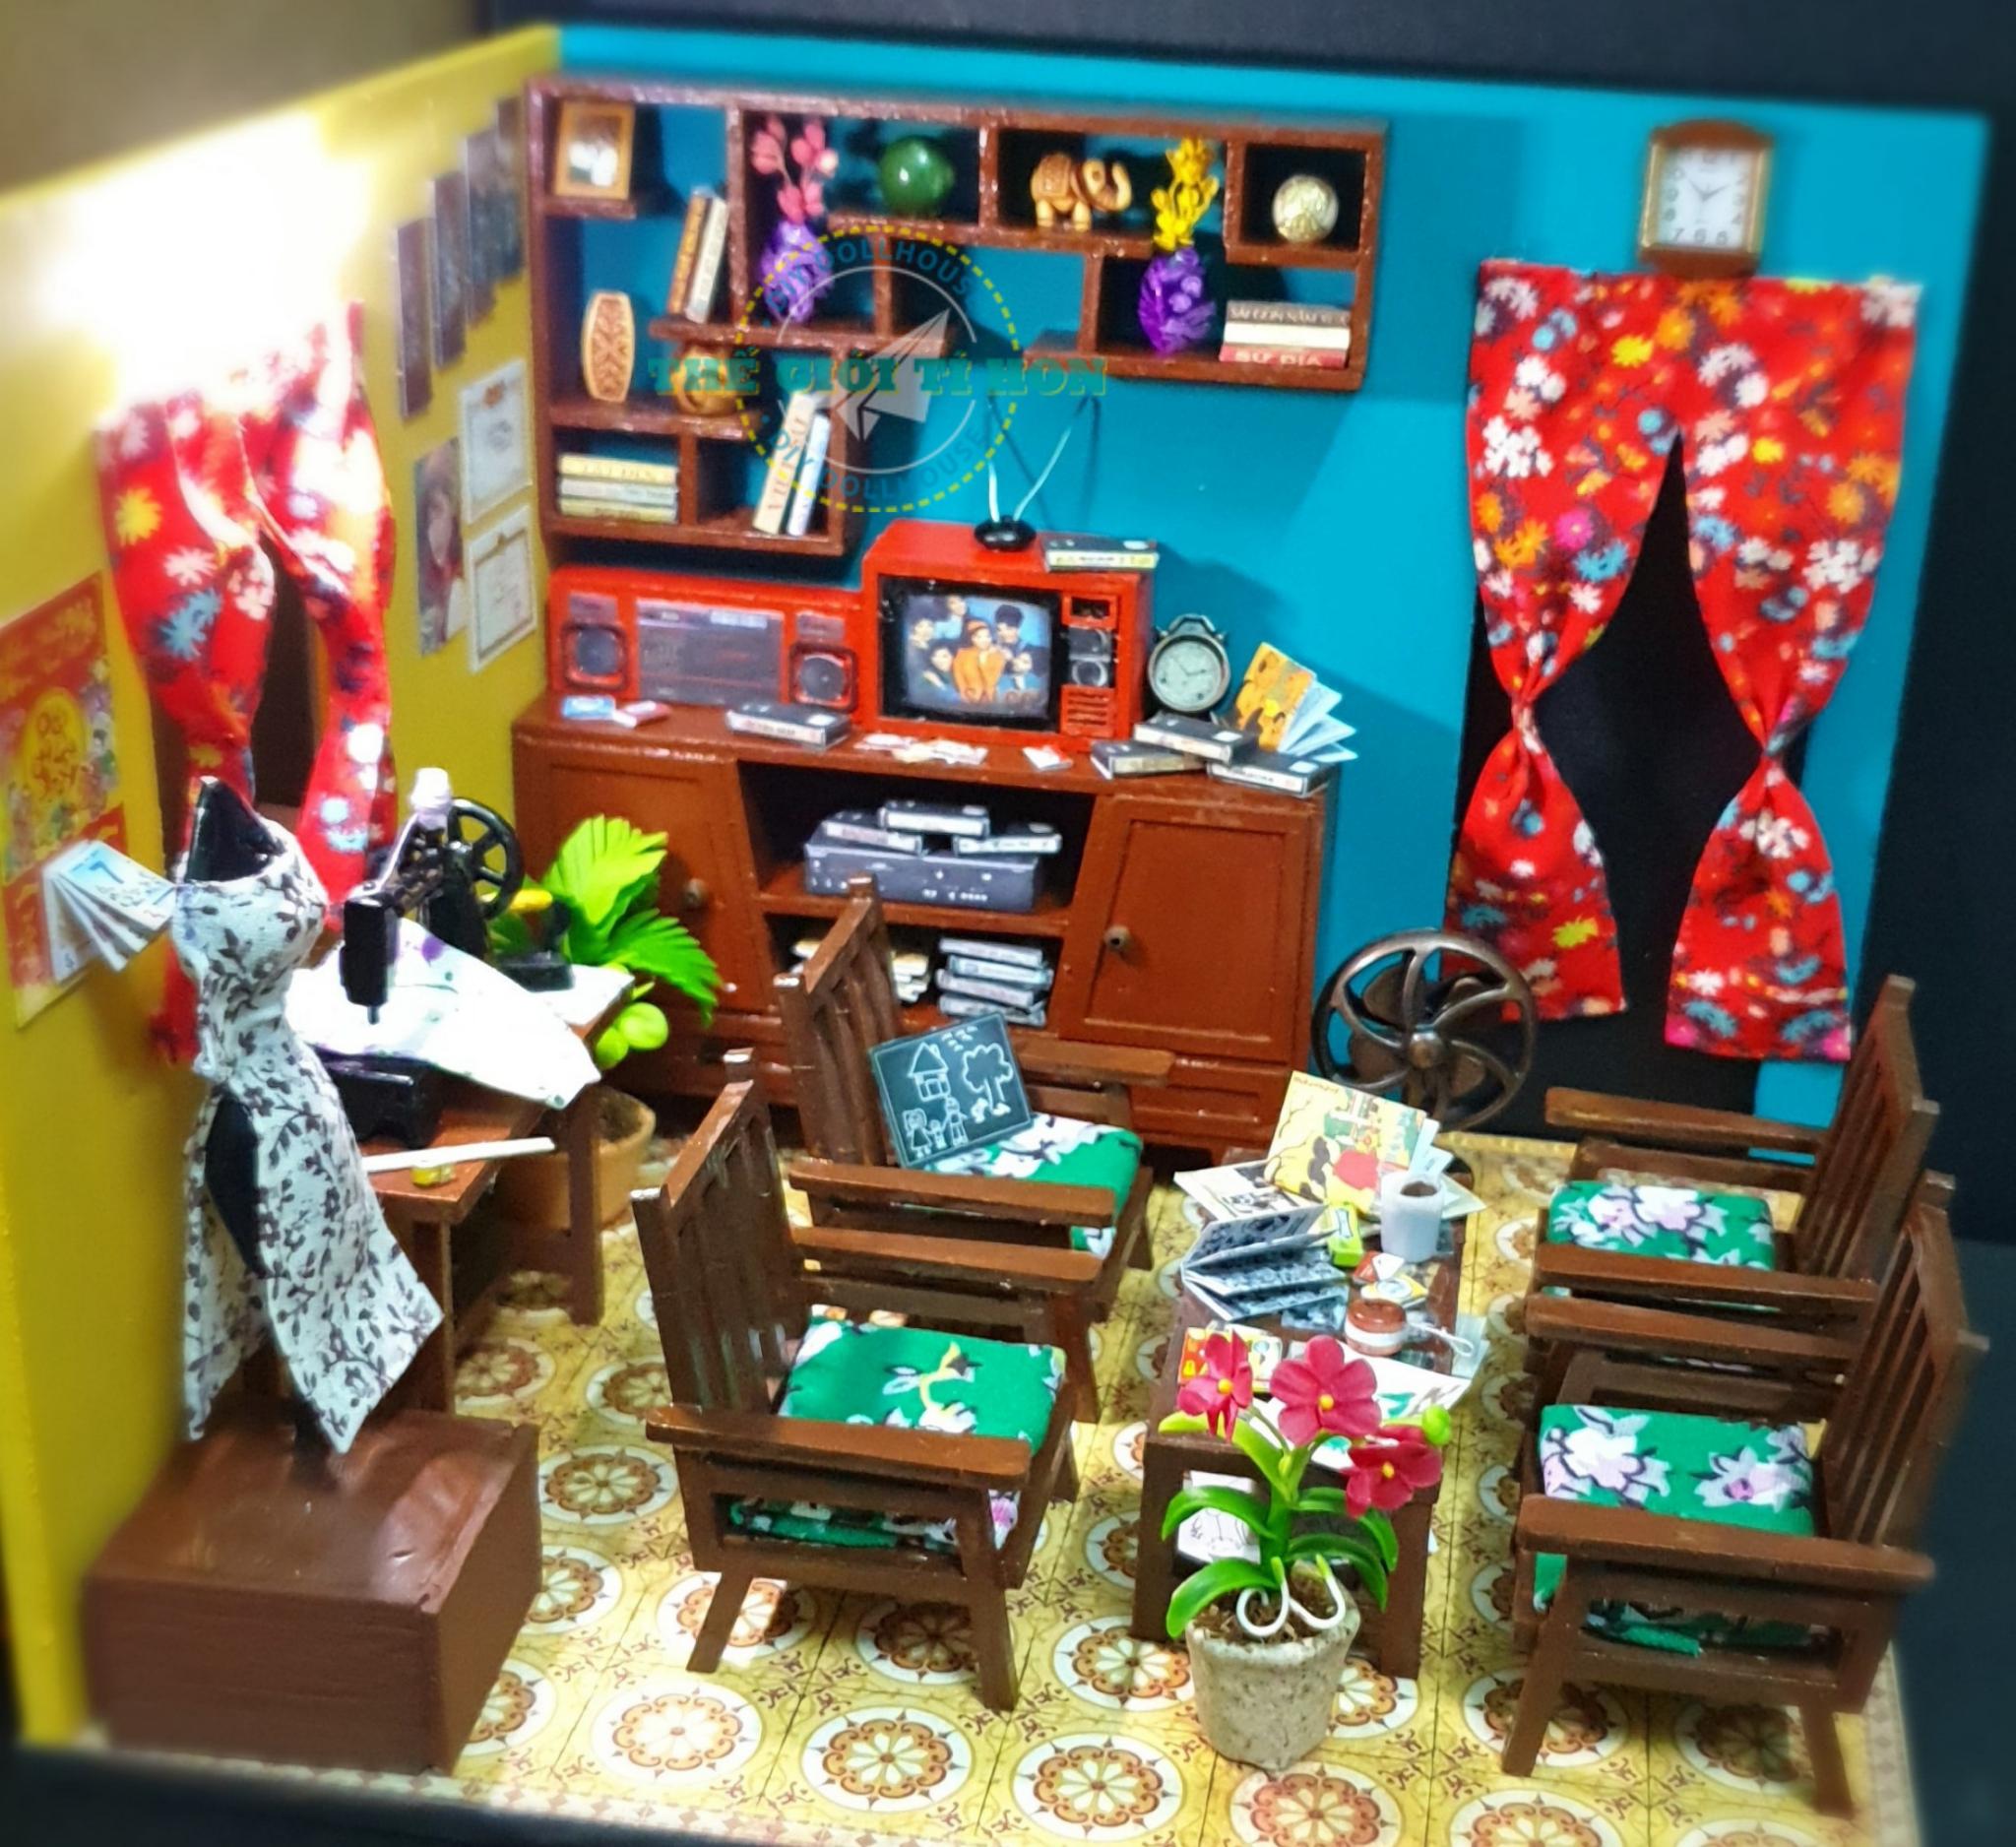 Đồ Chơi Mô Hình Nhà Sài Gòn Xưa Của Trần Ngân